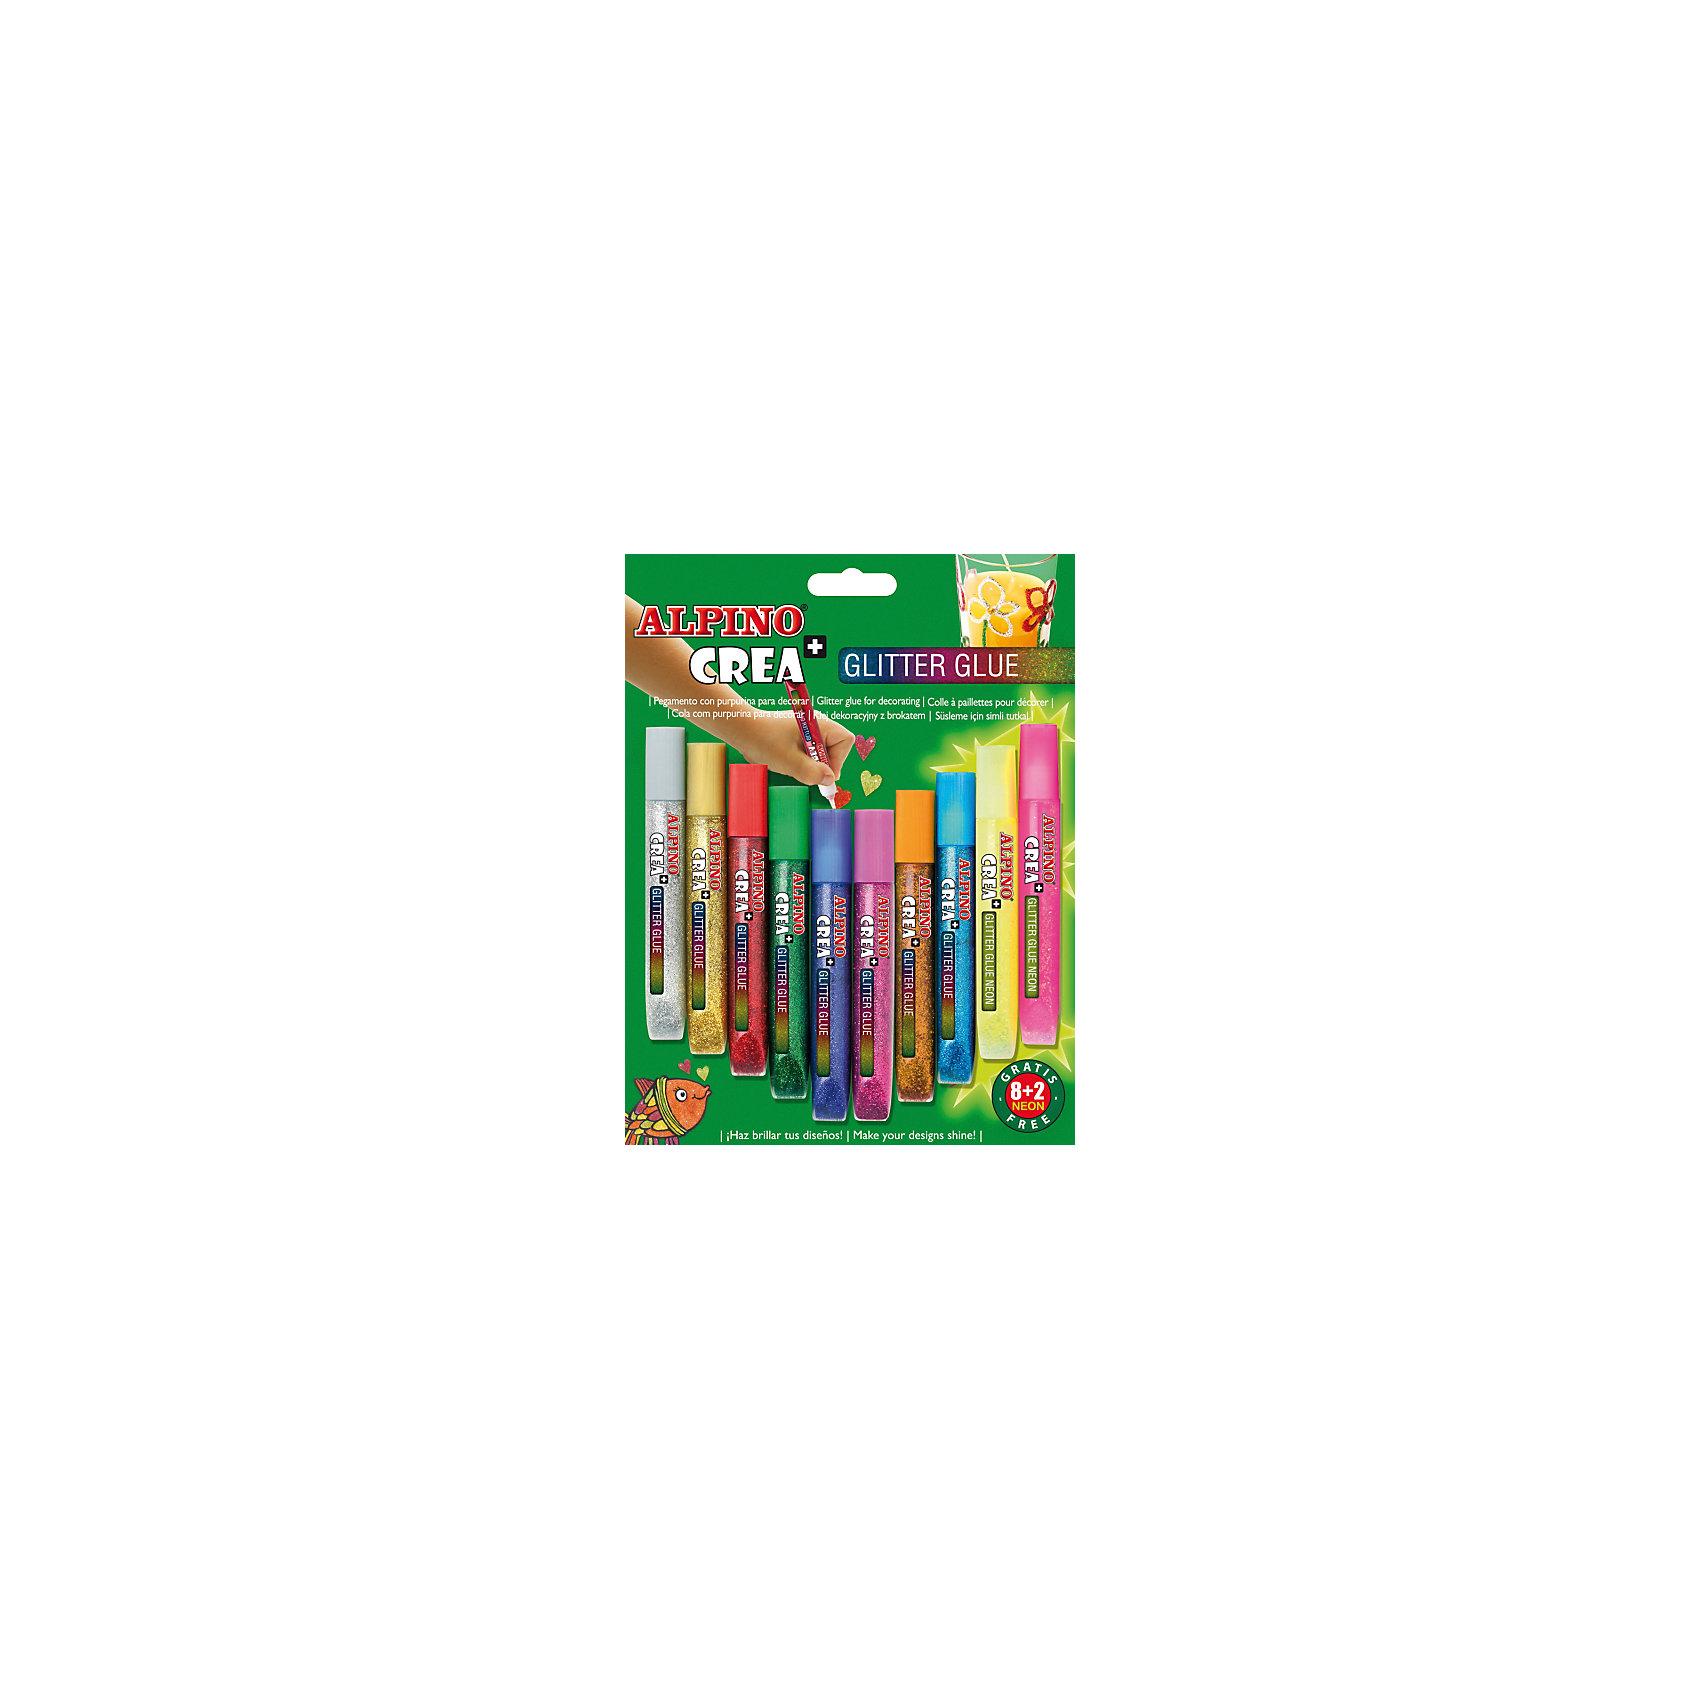 Гелевые карандаши CREA Classic&Neon (гель-краски с блестками для декорирования), 8 Classic + 2 Neon = 10 цв.